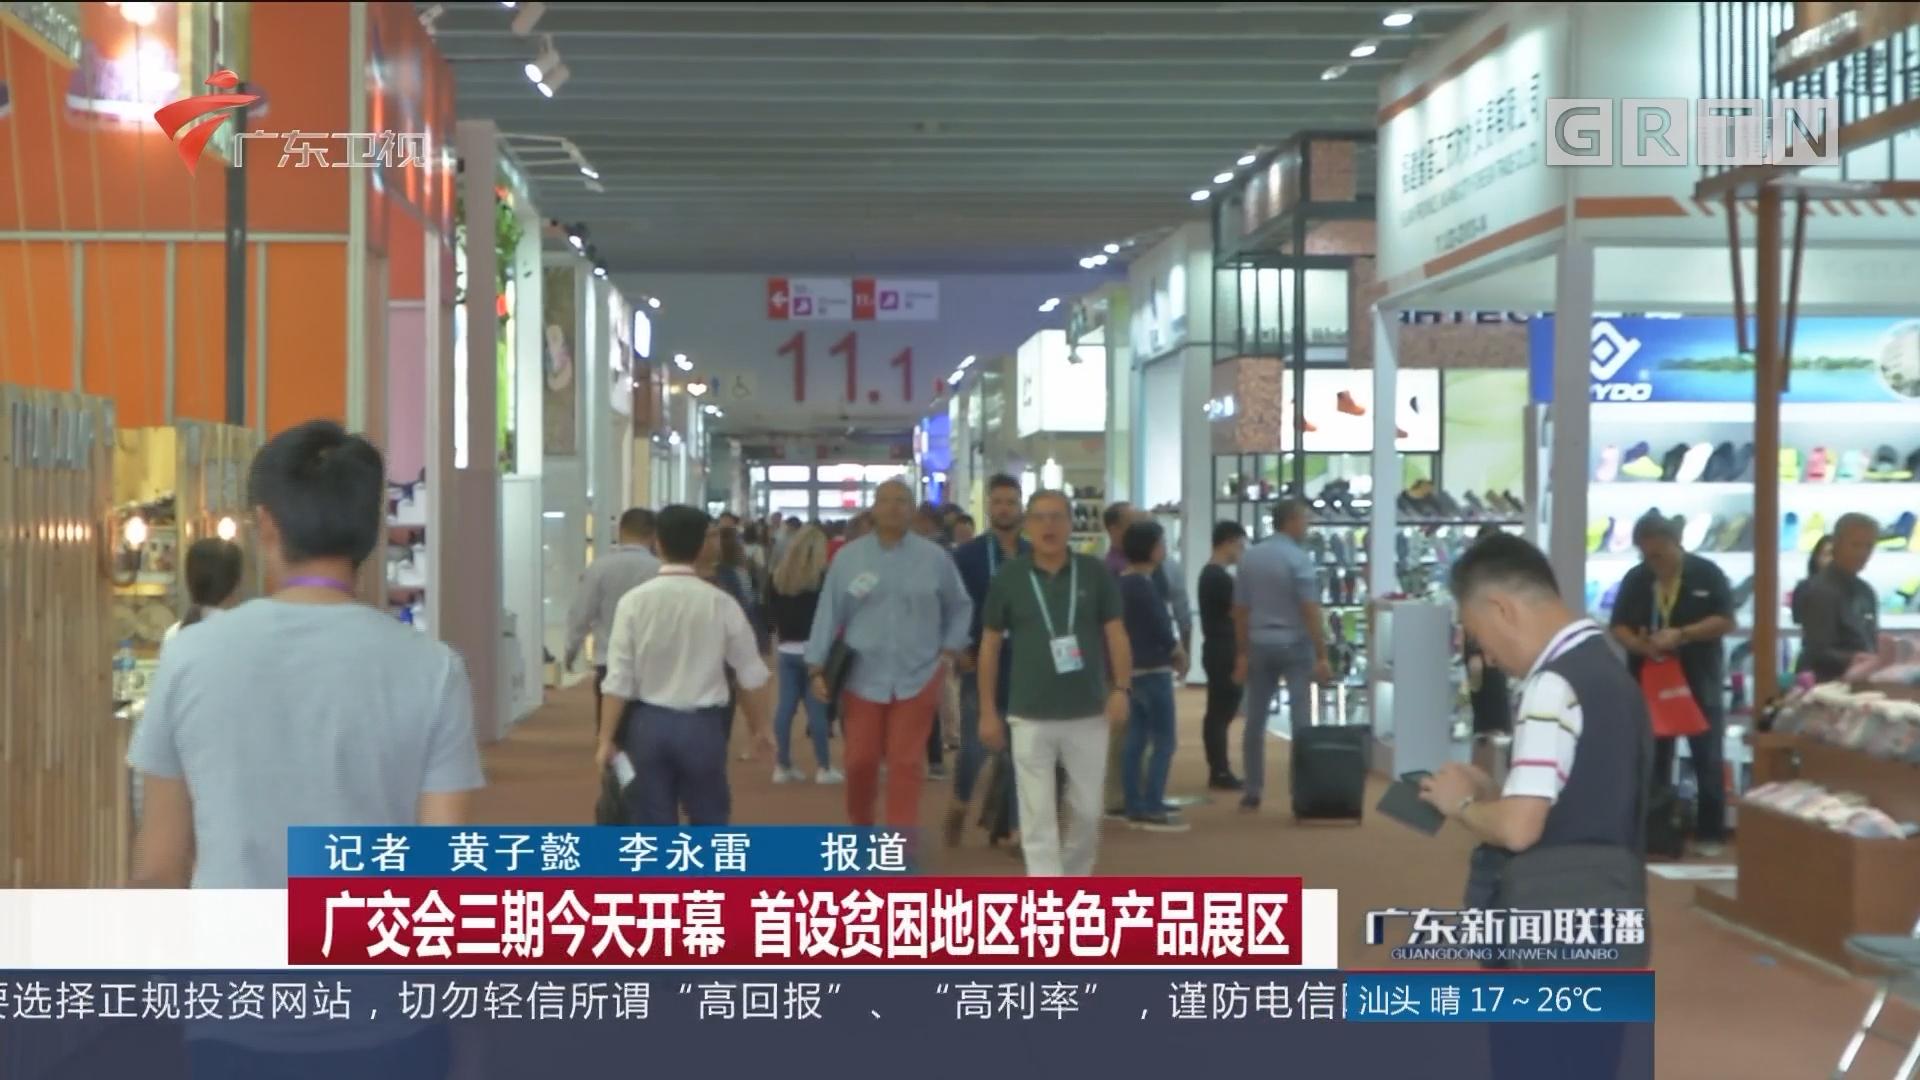 广交会三期今天开幕 首设贫困地区特色产品展区